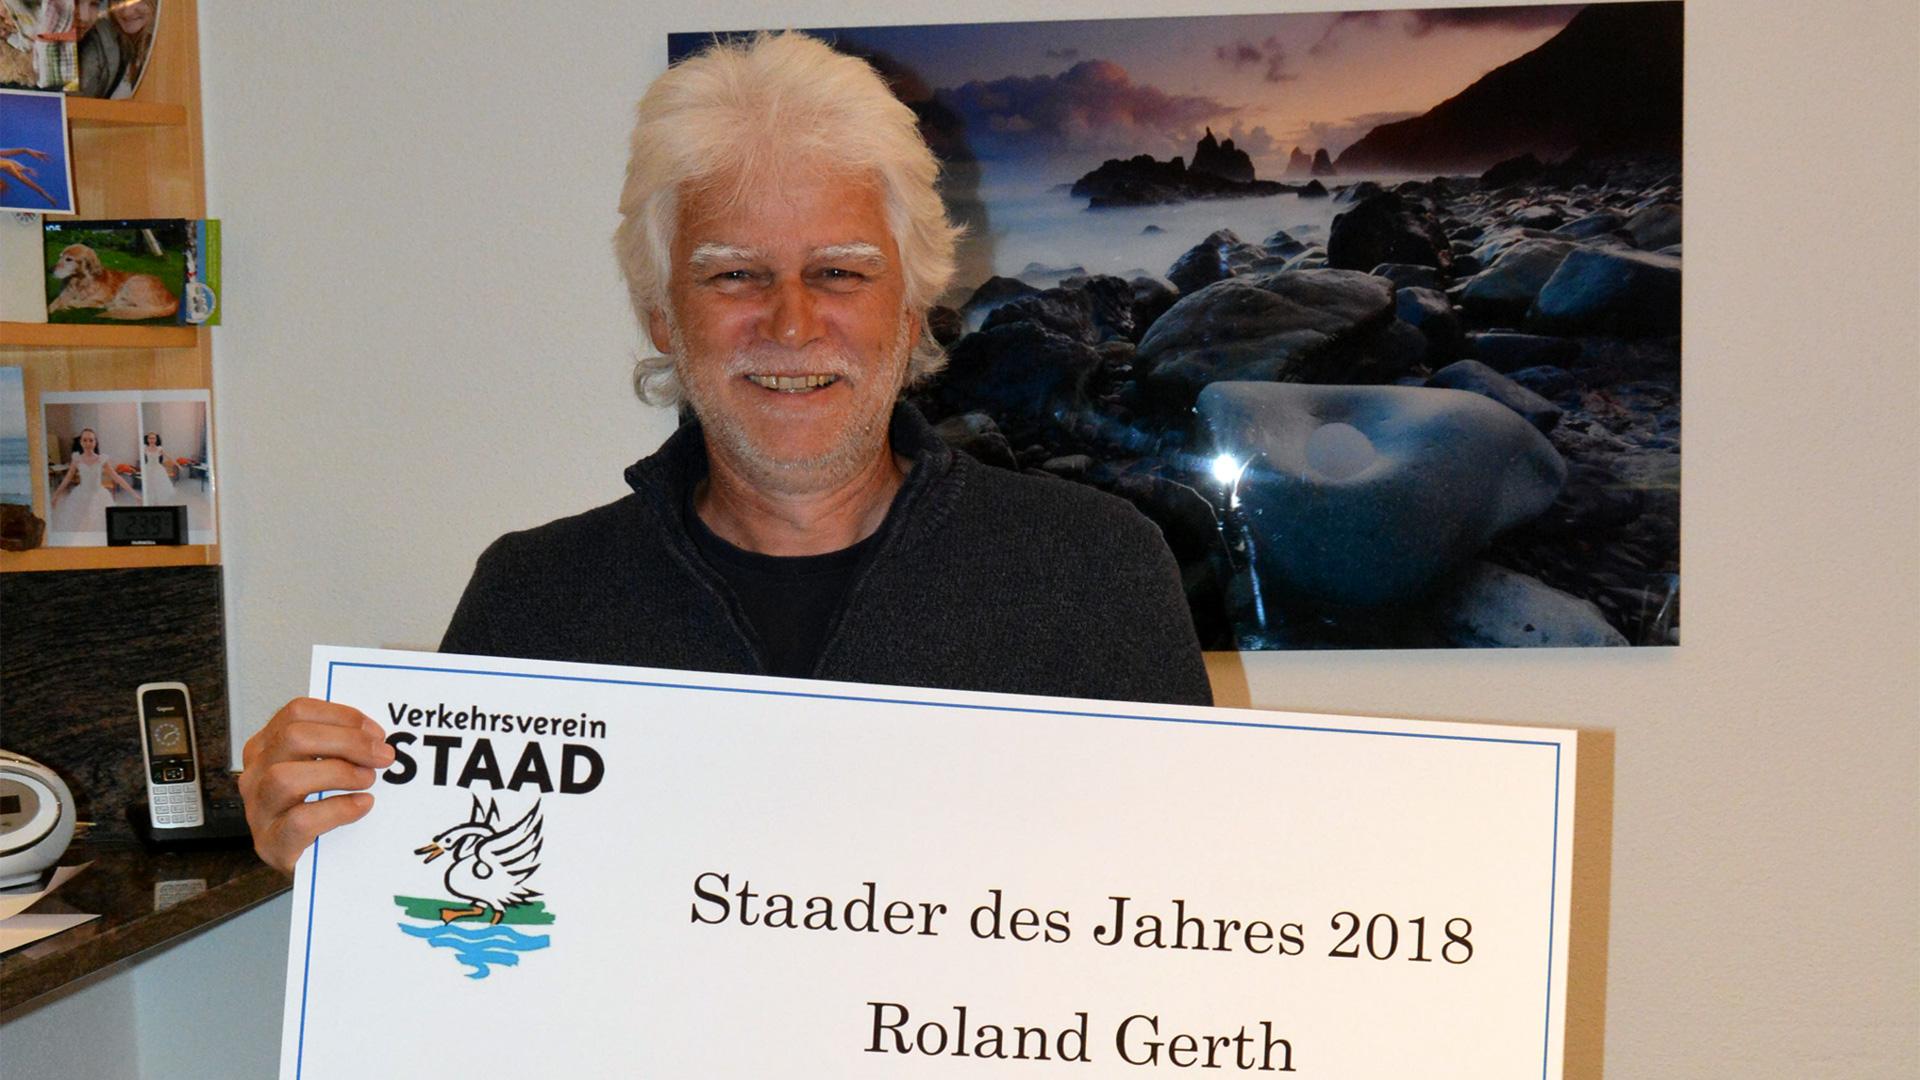 Roland-Gerth-staader-2018-verkehrsverein-staad